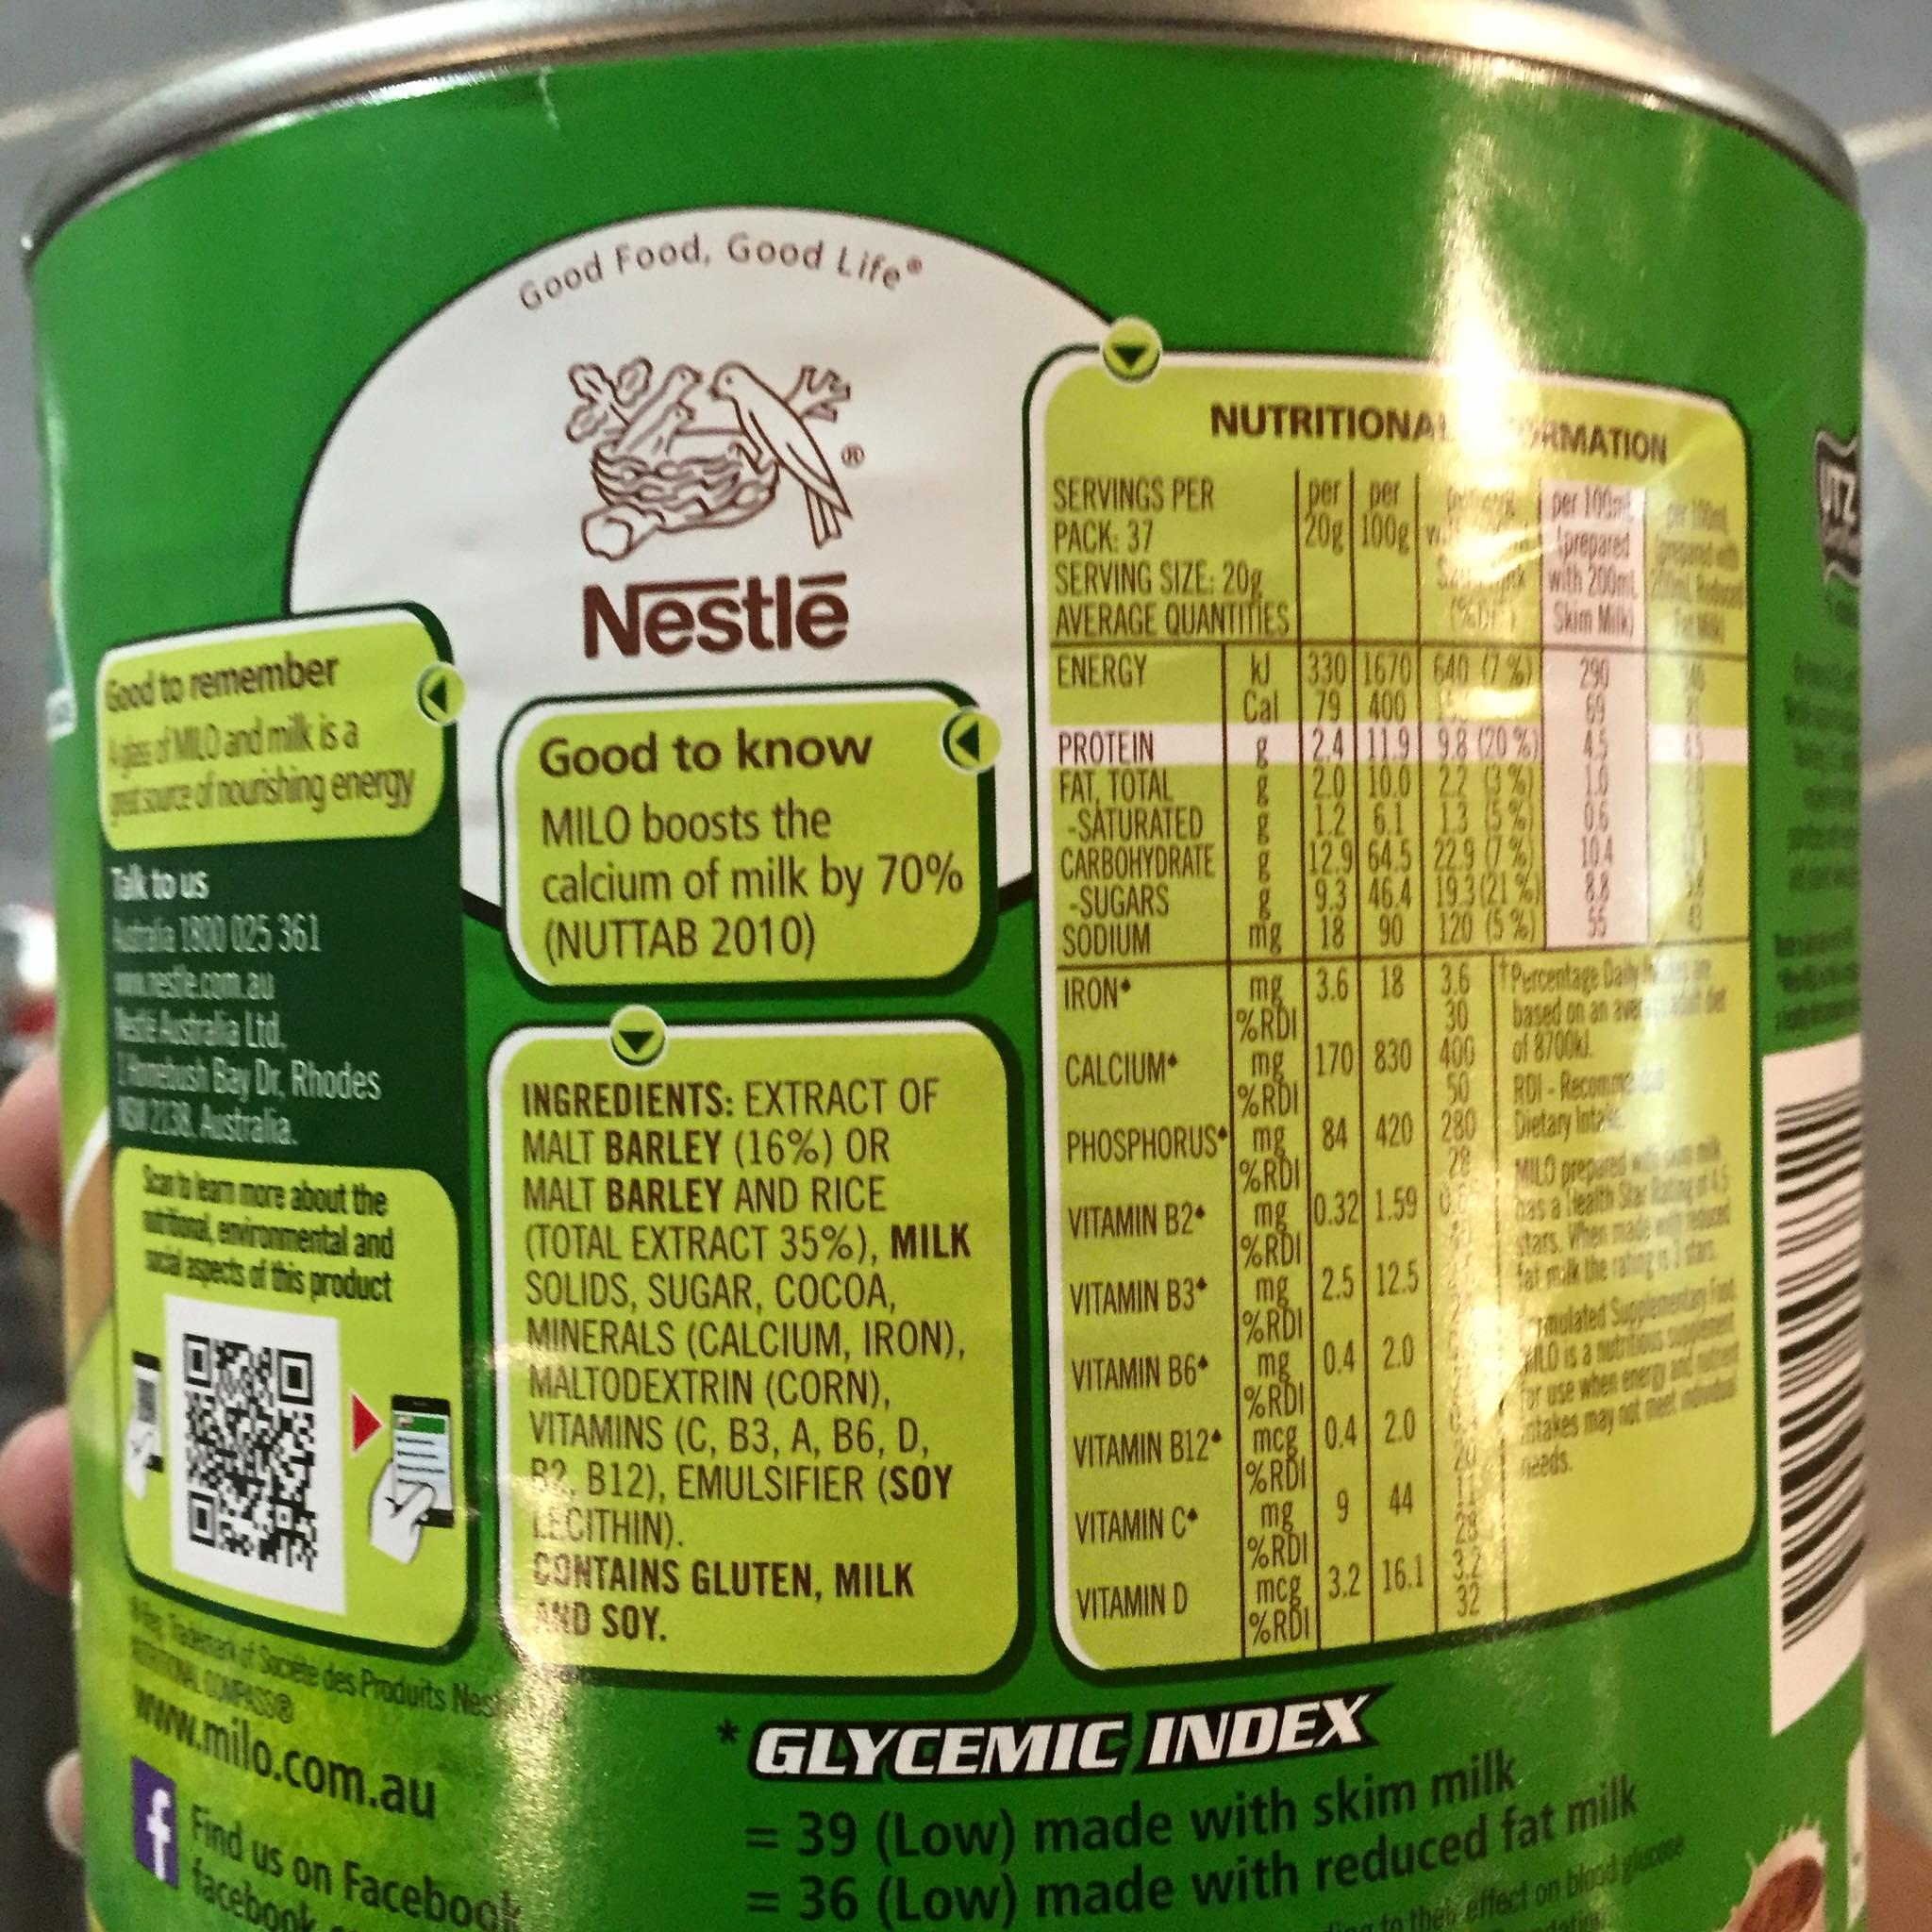 Sữa Milo Úc Nestle Giàu Năng Lượng